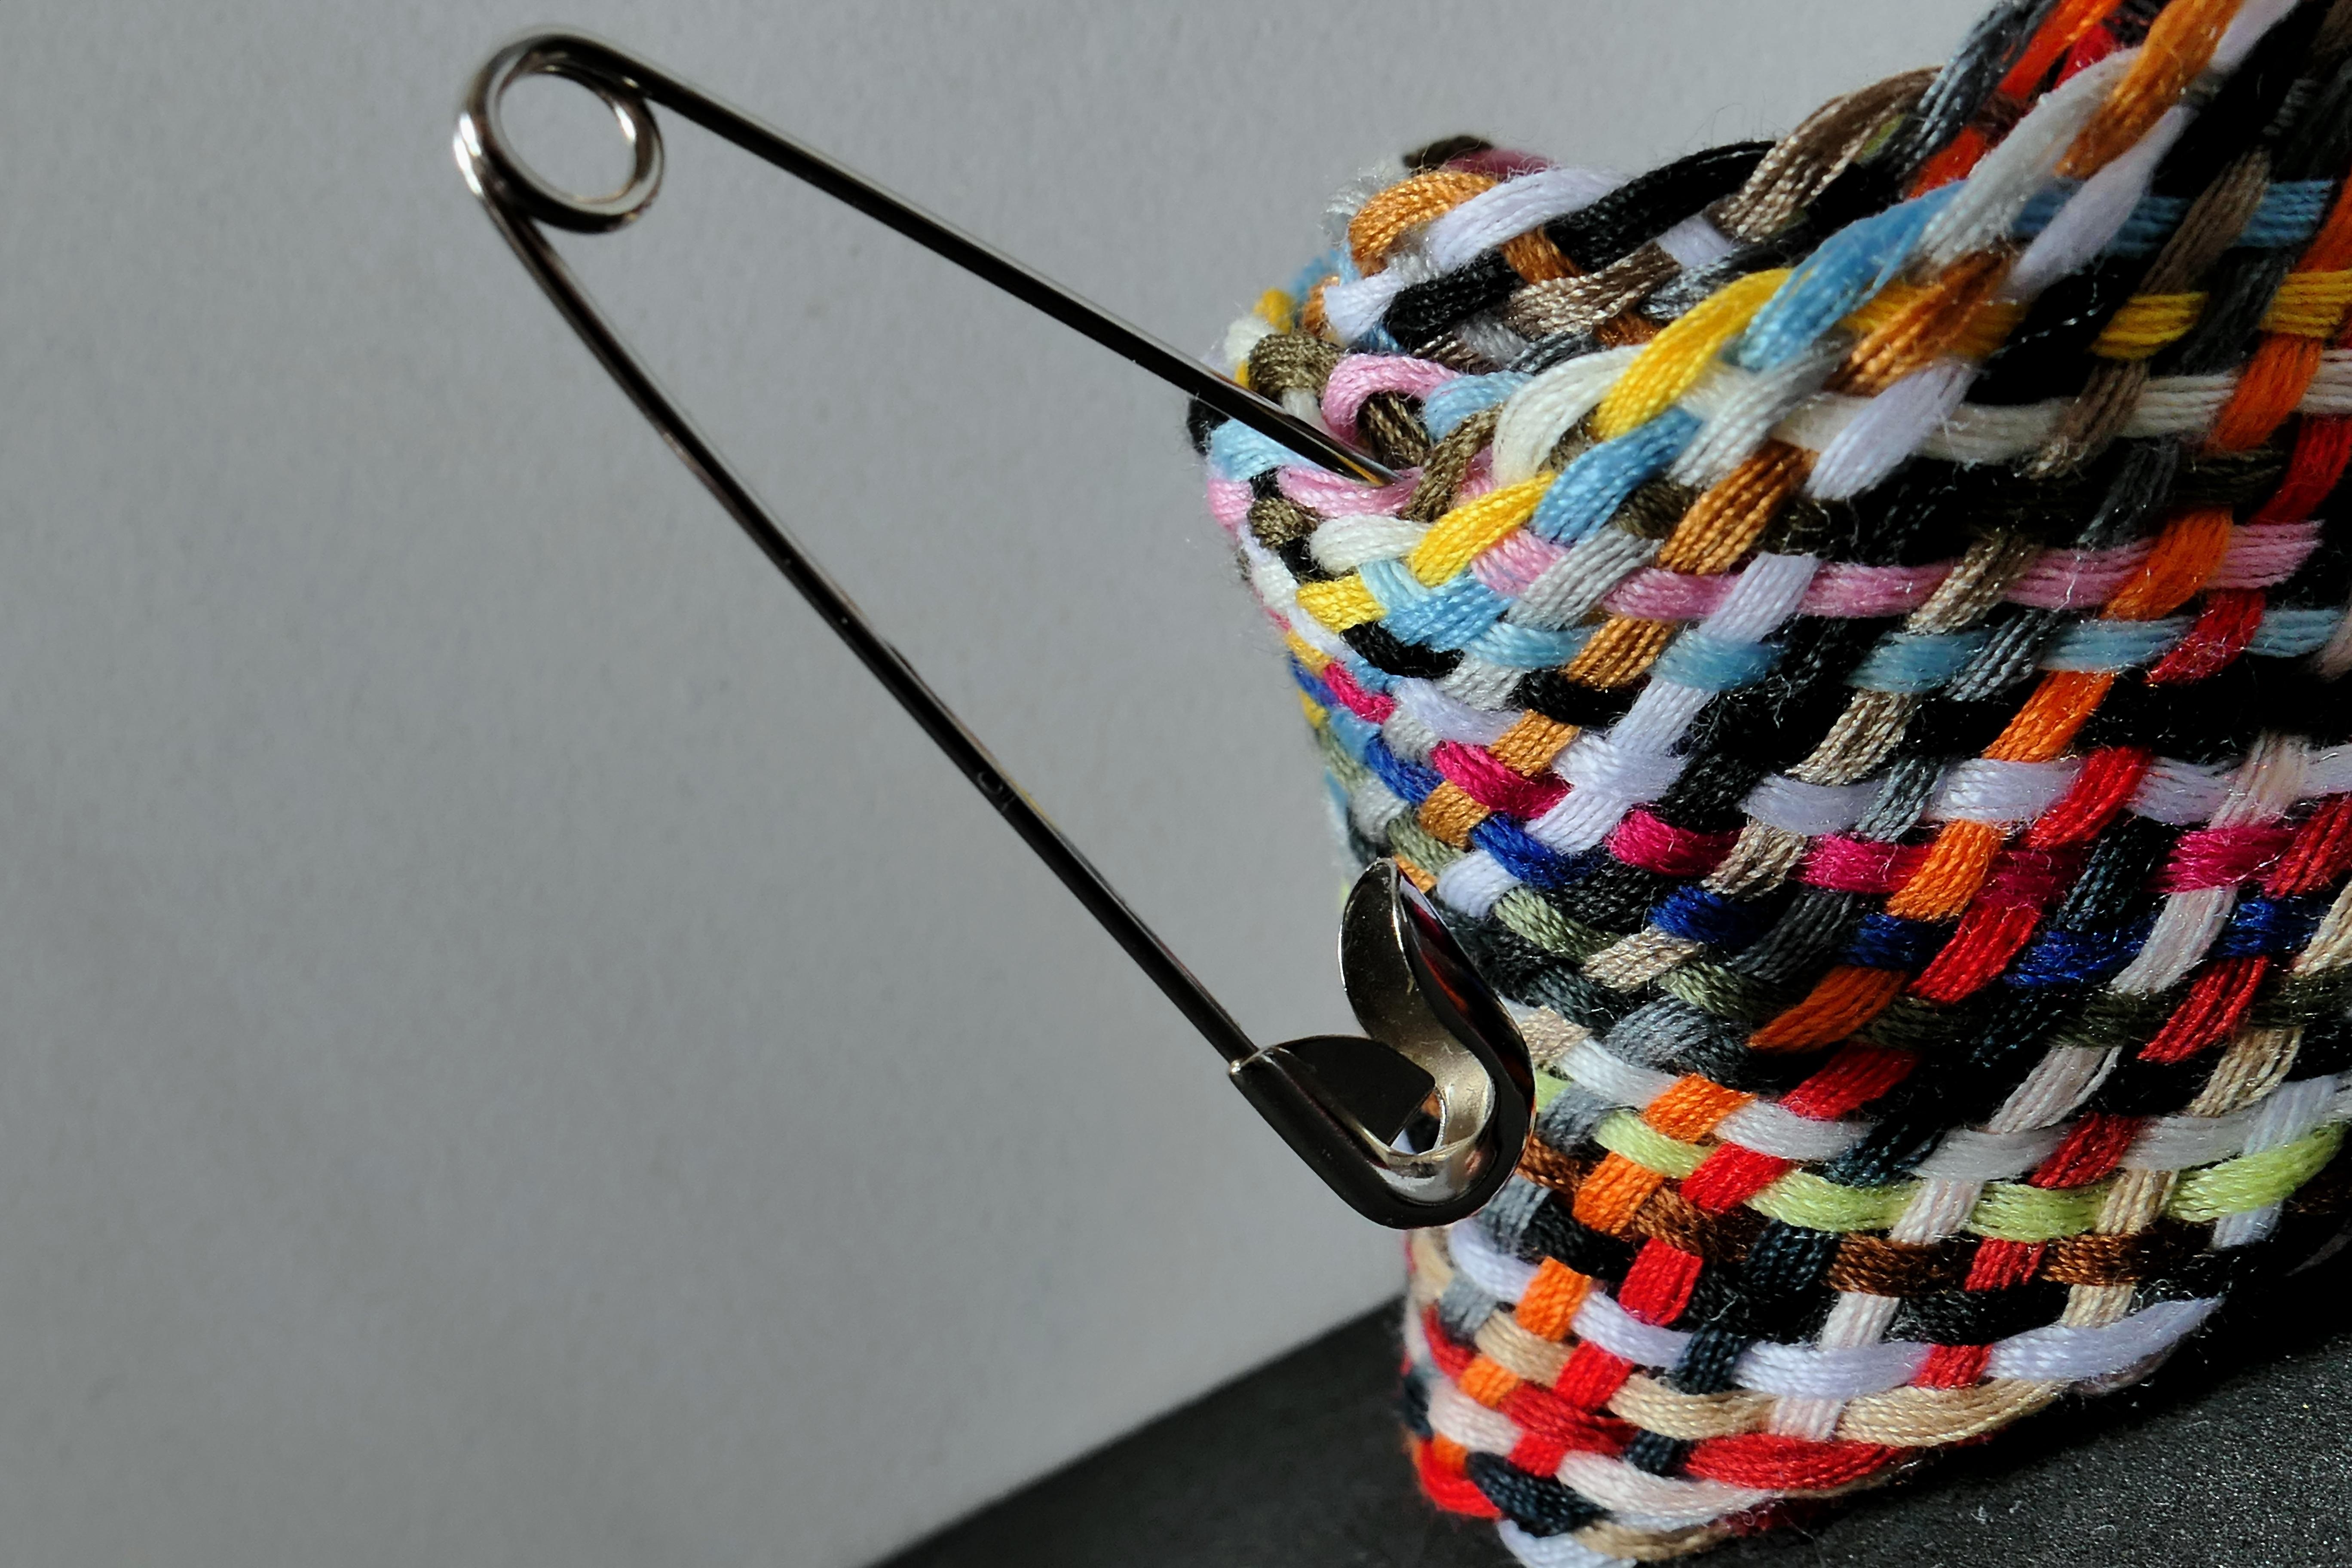 Fotos gratis : aguja, patrón, color, vistoso, cerca, tela, hilo de ...